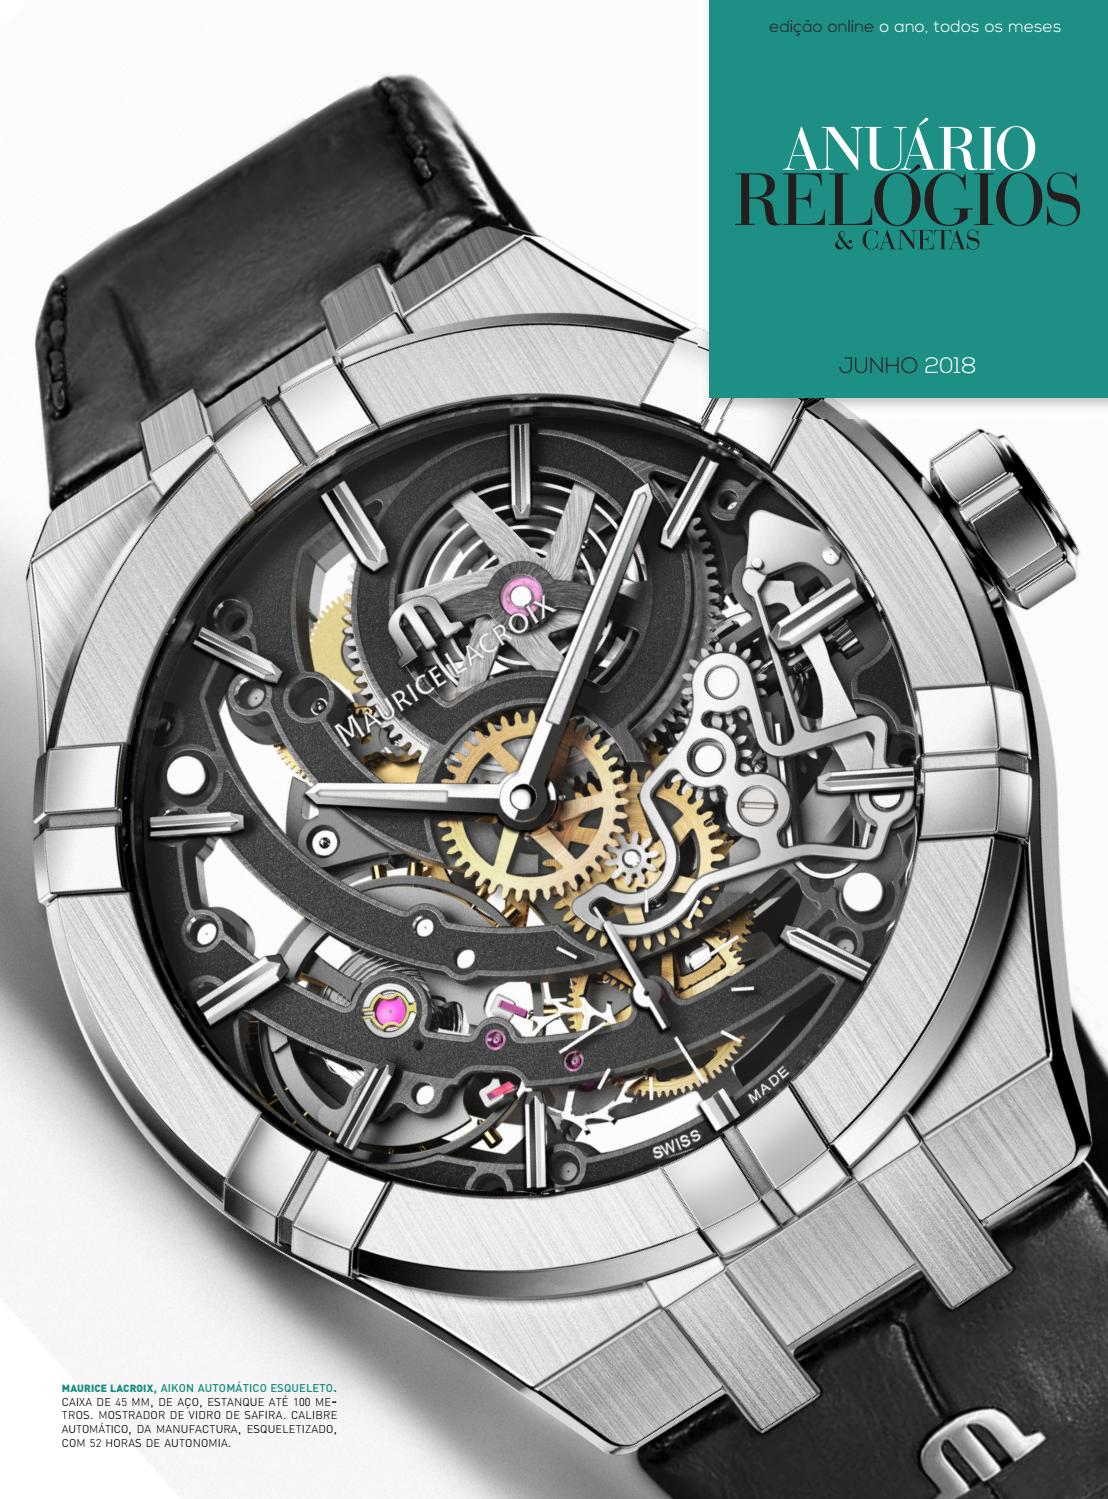 107b5714419 Anuário Relógios   Canetas - Junho 2018 by Anuário Relógios   Canetas -  issuu